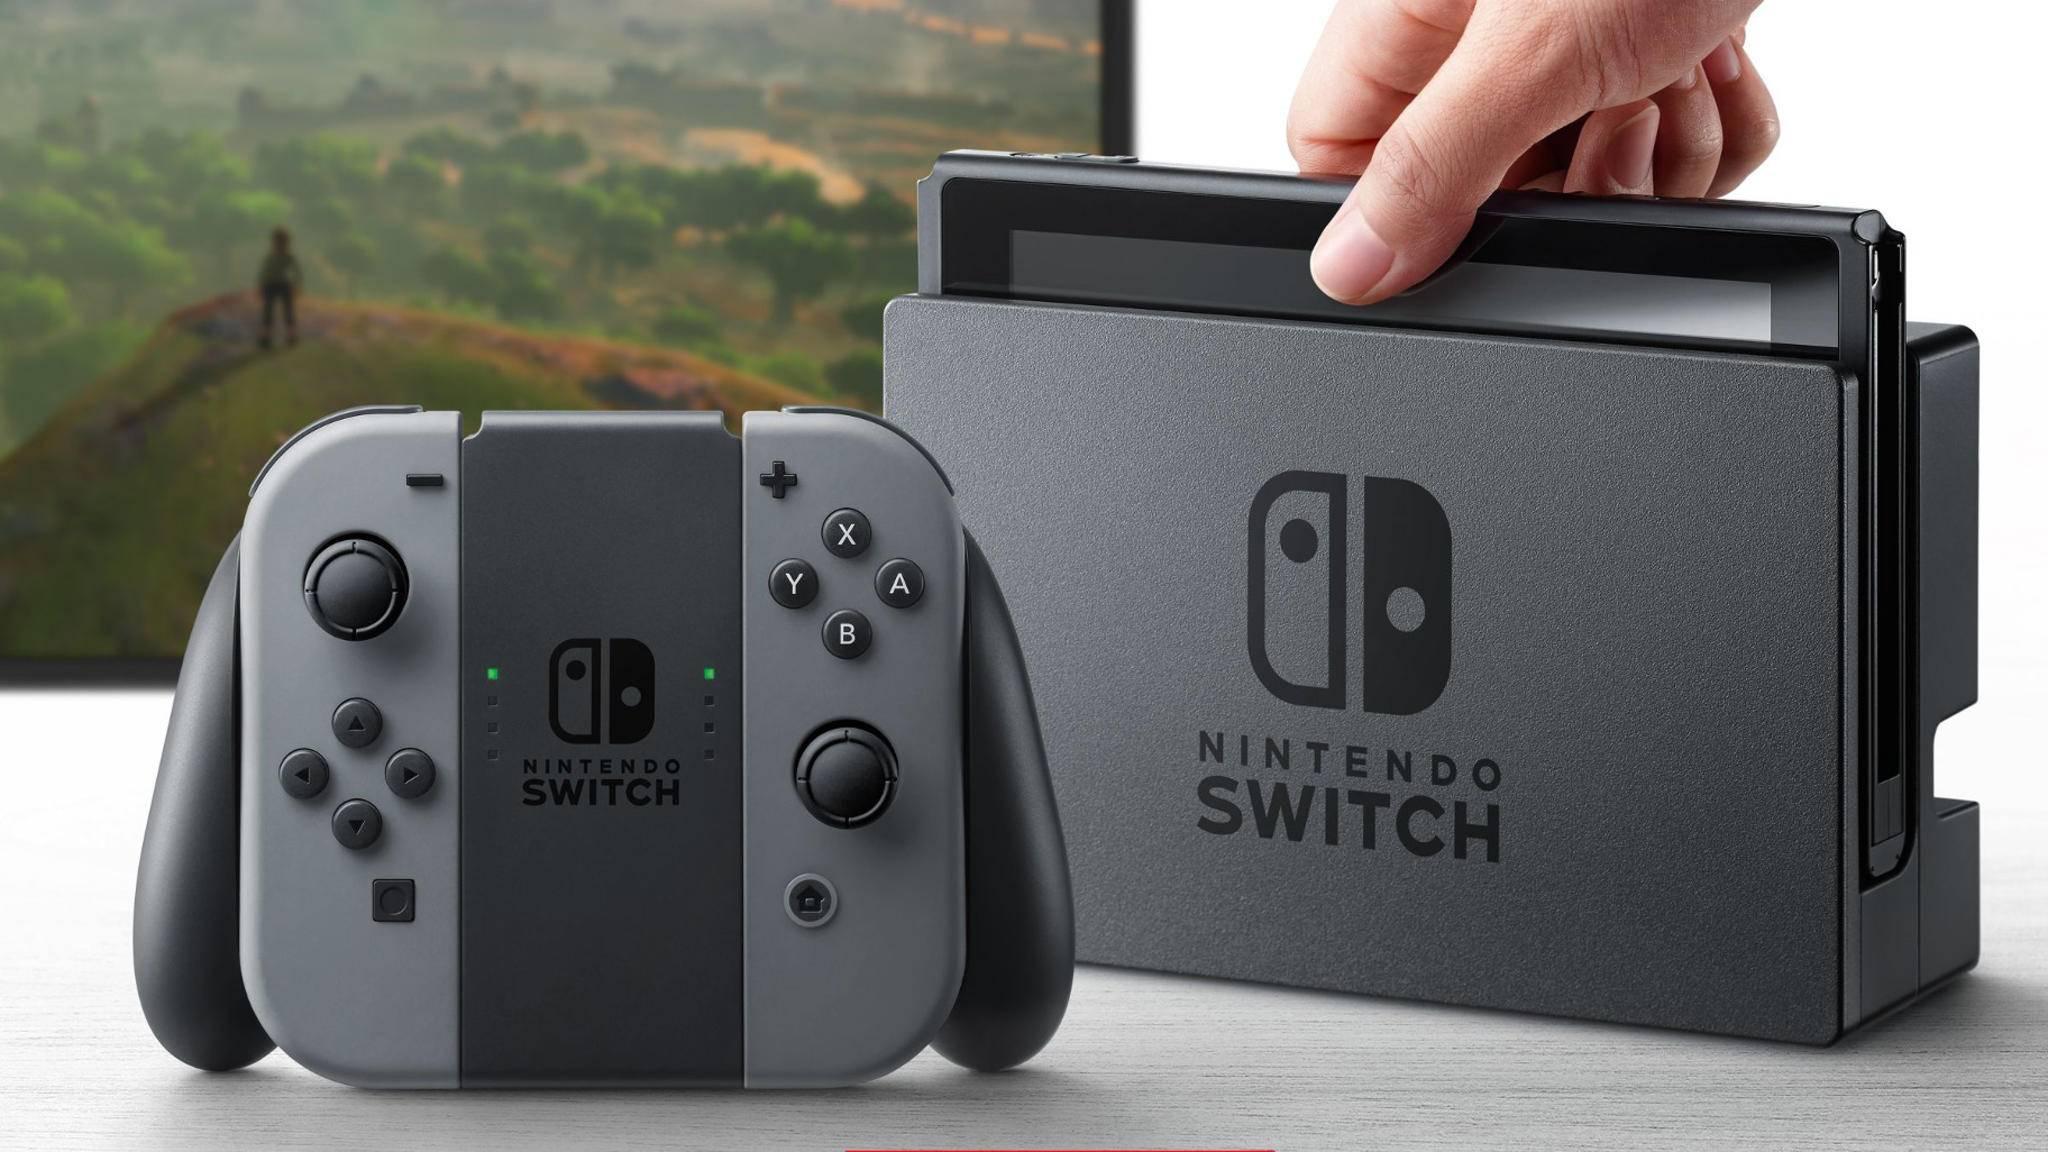 Wird die Nintendo Switch tatsächlich am 17. März veröffentlicht?